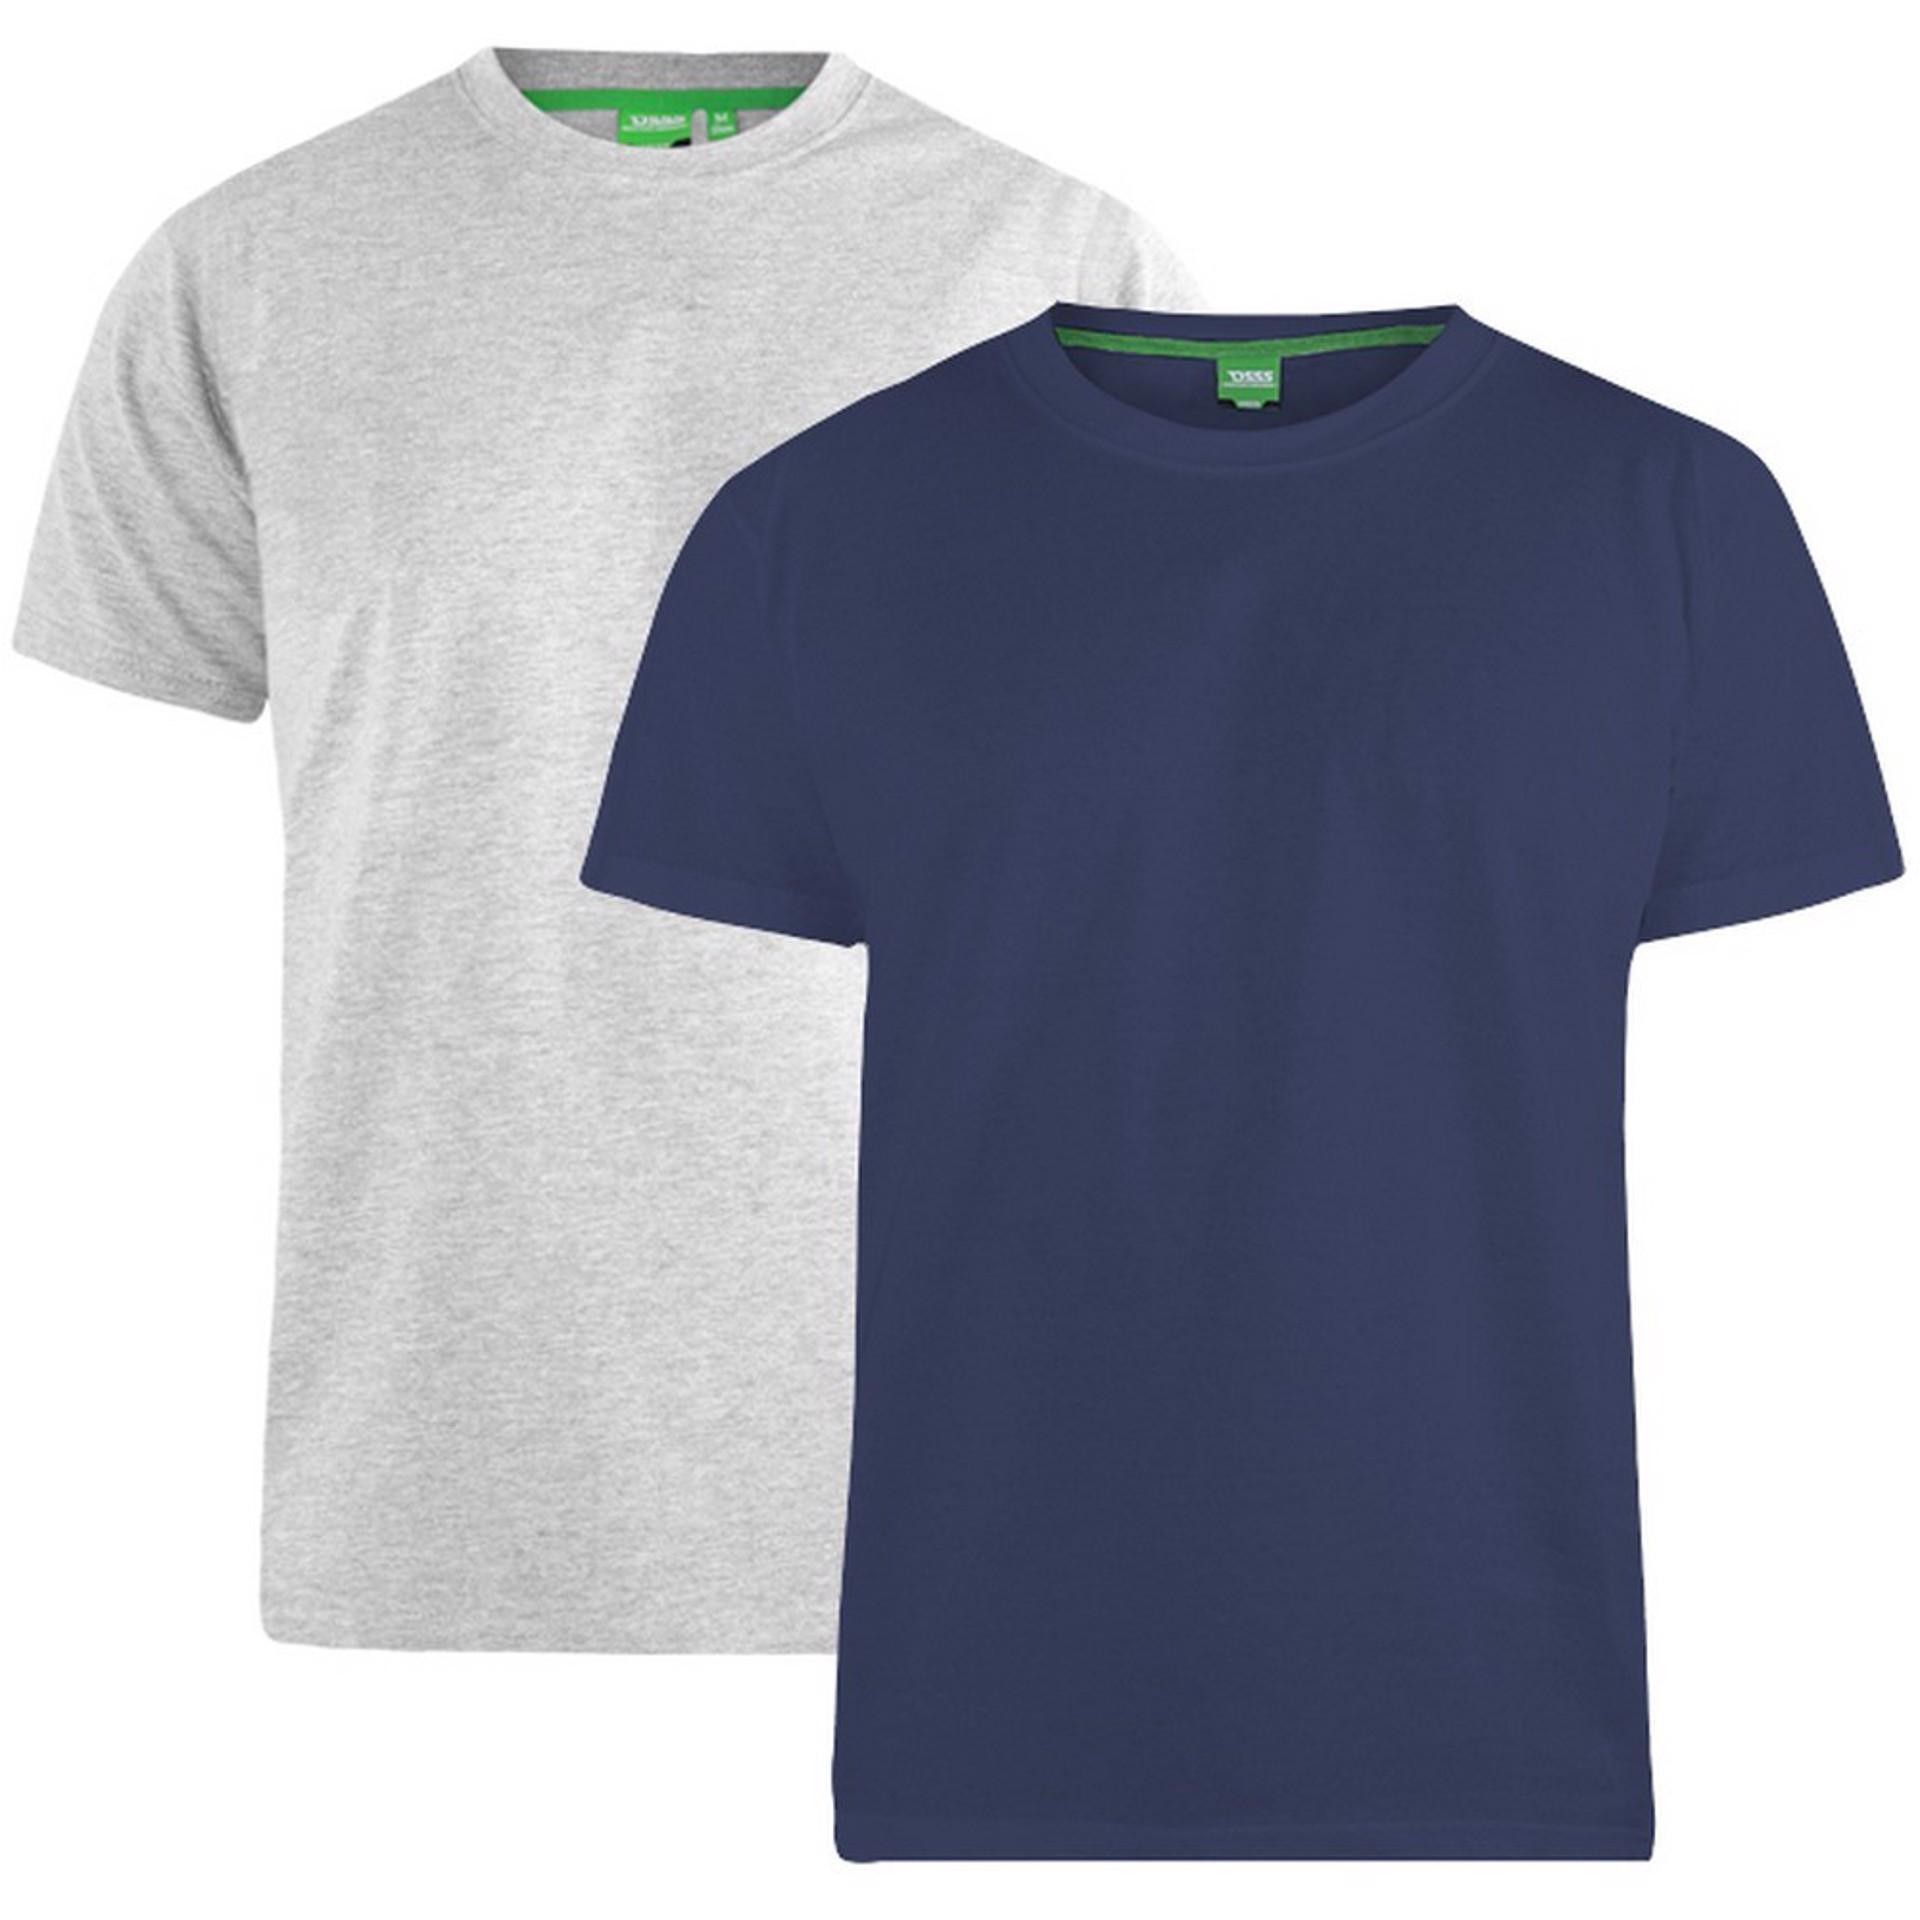 """2-pack T-shirts """"Fenton"""" van merk D555 in de kleuren grijs en navy, gemaakt van 100% katoen."""